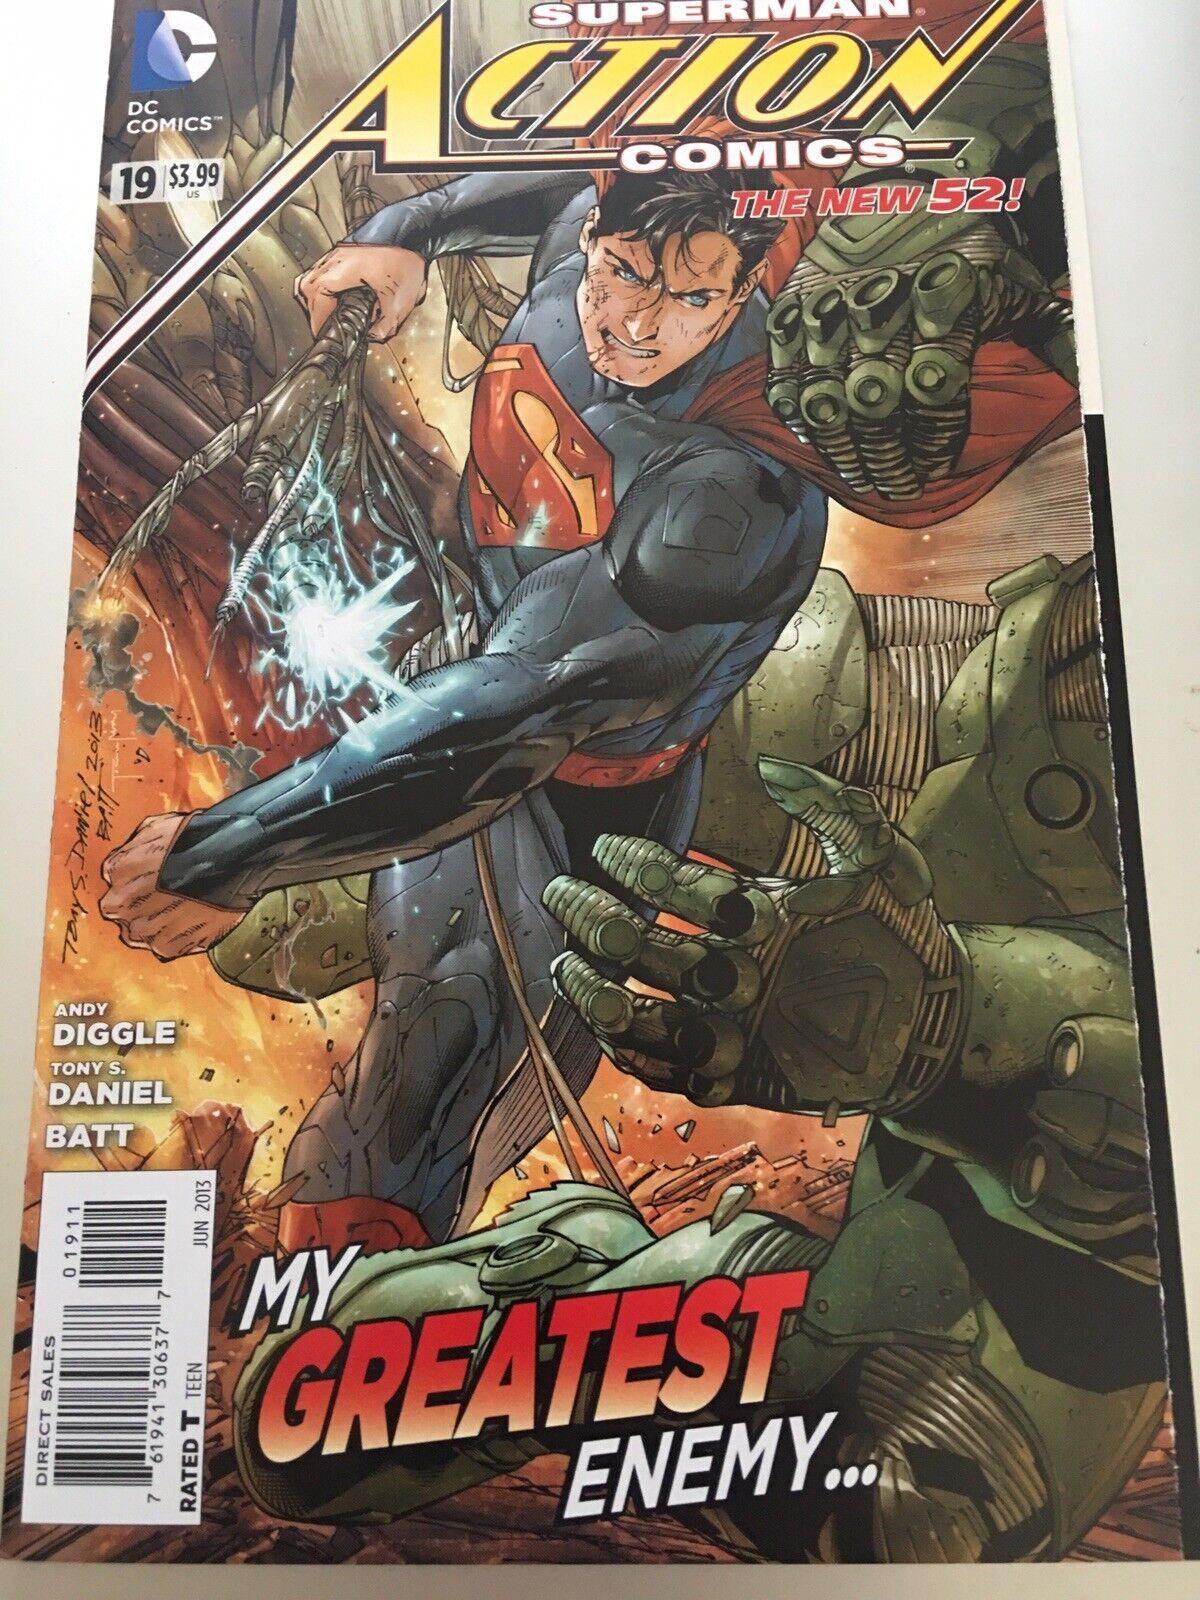 Superman Action Comics  #973 Variant Edition  D.C Comics CB14518